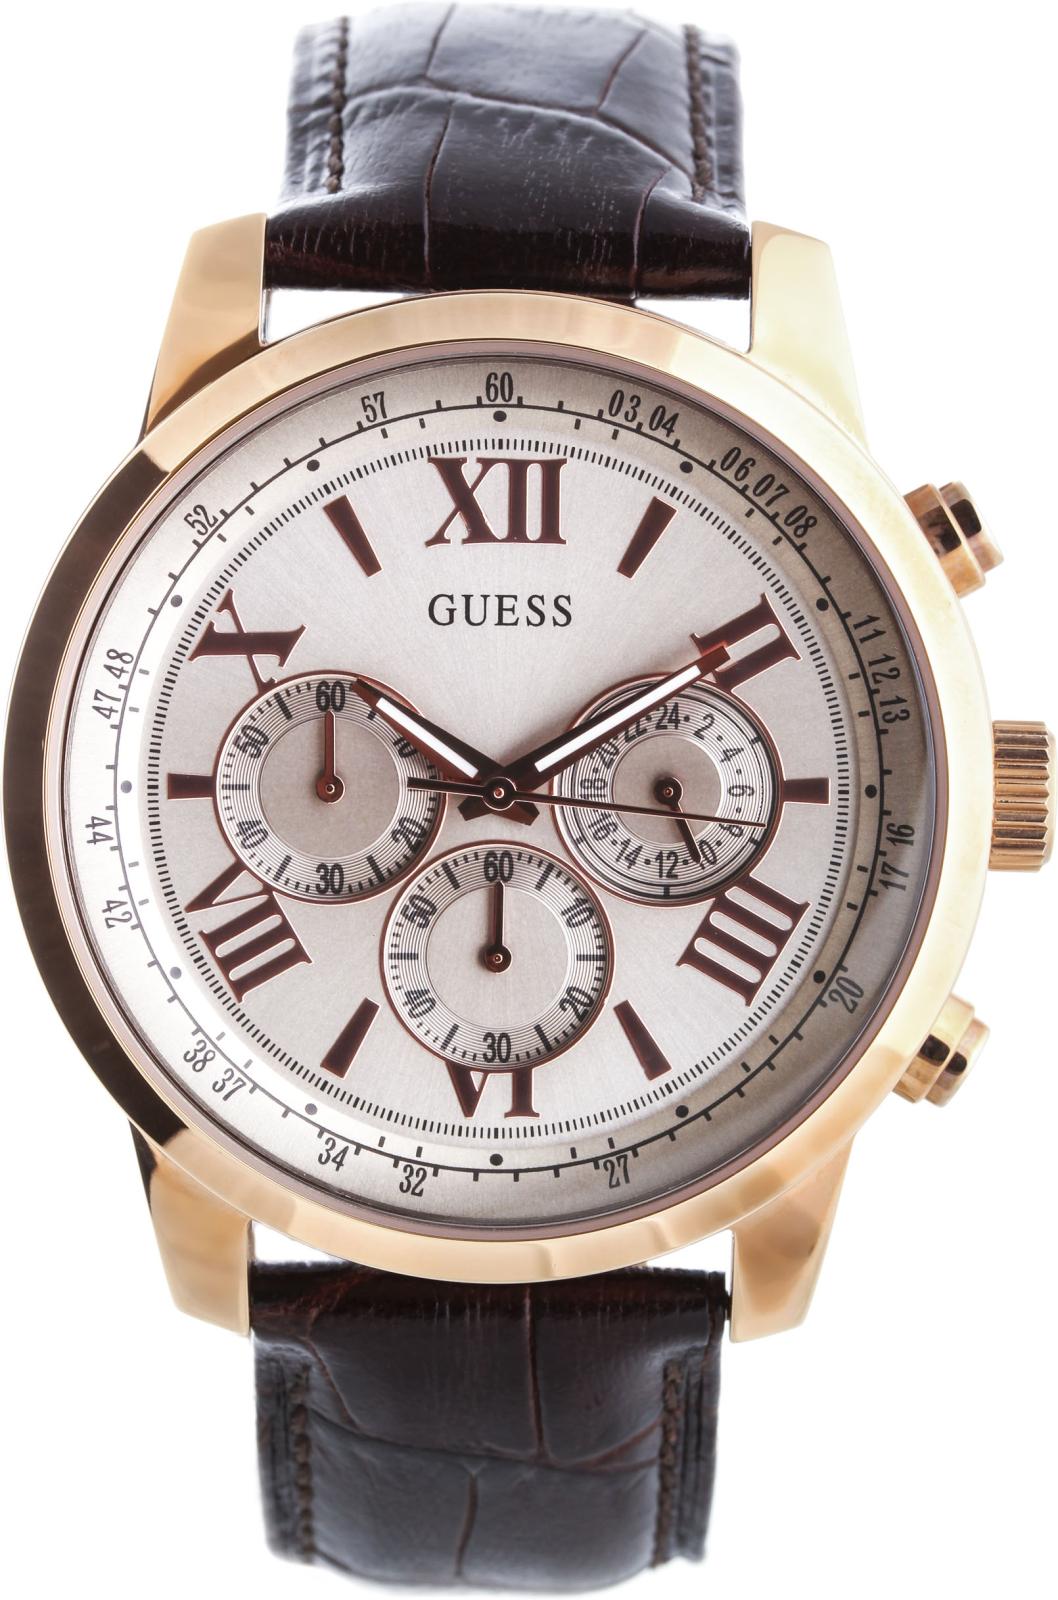 Guess W0380G4Наручные часы<br>Американские&amp;nbsp;часы Guess W0380G4Это великолепные мужские часы. Материал корпуса часов &amp;mdash; сталь. Циферблат часов защищает минеральное стекло. Водозащита - 50 м. Цвет циферблата - серебристый. Циферблат содержит часы, минуты, секунды. В этих часах используются такие усложнения как дата, день недели, хронограф. Размер данной модели 45мм.<br><br>Пол: Мужские<br>Страна-производитель: США<br>Механизм: Кварцевый<br>Материал корпуса: Сталь<br>Материал ремня/браслета: Кожа<br>Водозащита, диапазон: None<br>Стекло: Минеральное<br>Толщина корпуса: 12<br>Стиль: Спорт